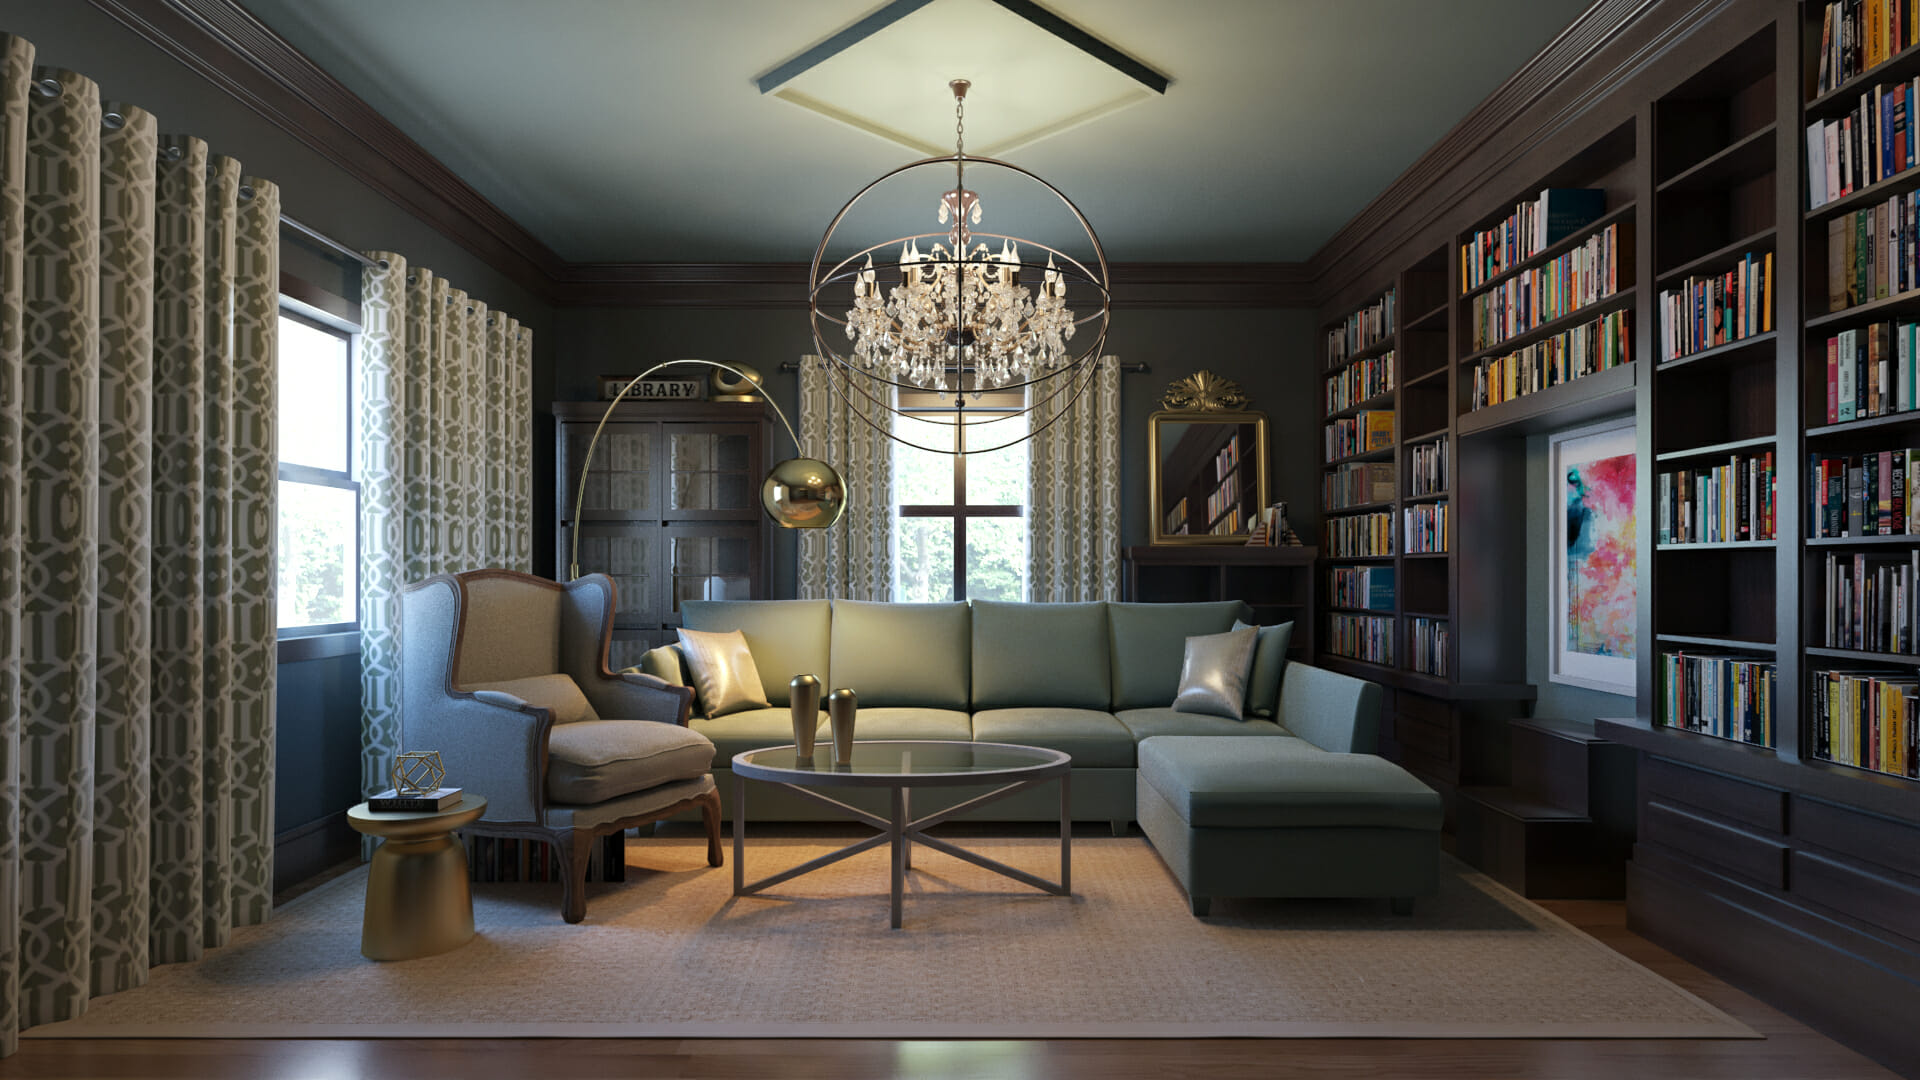 library design online lighting